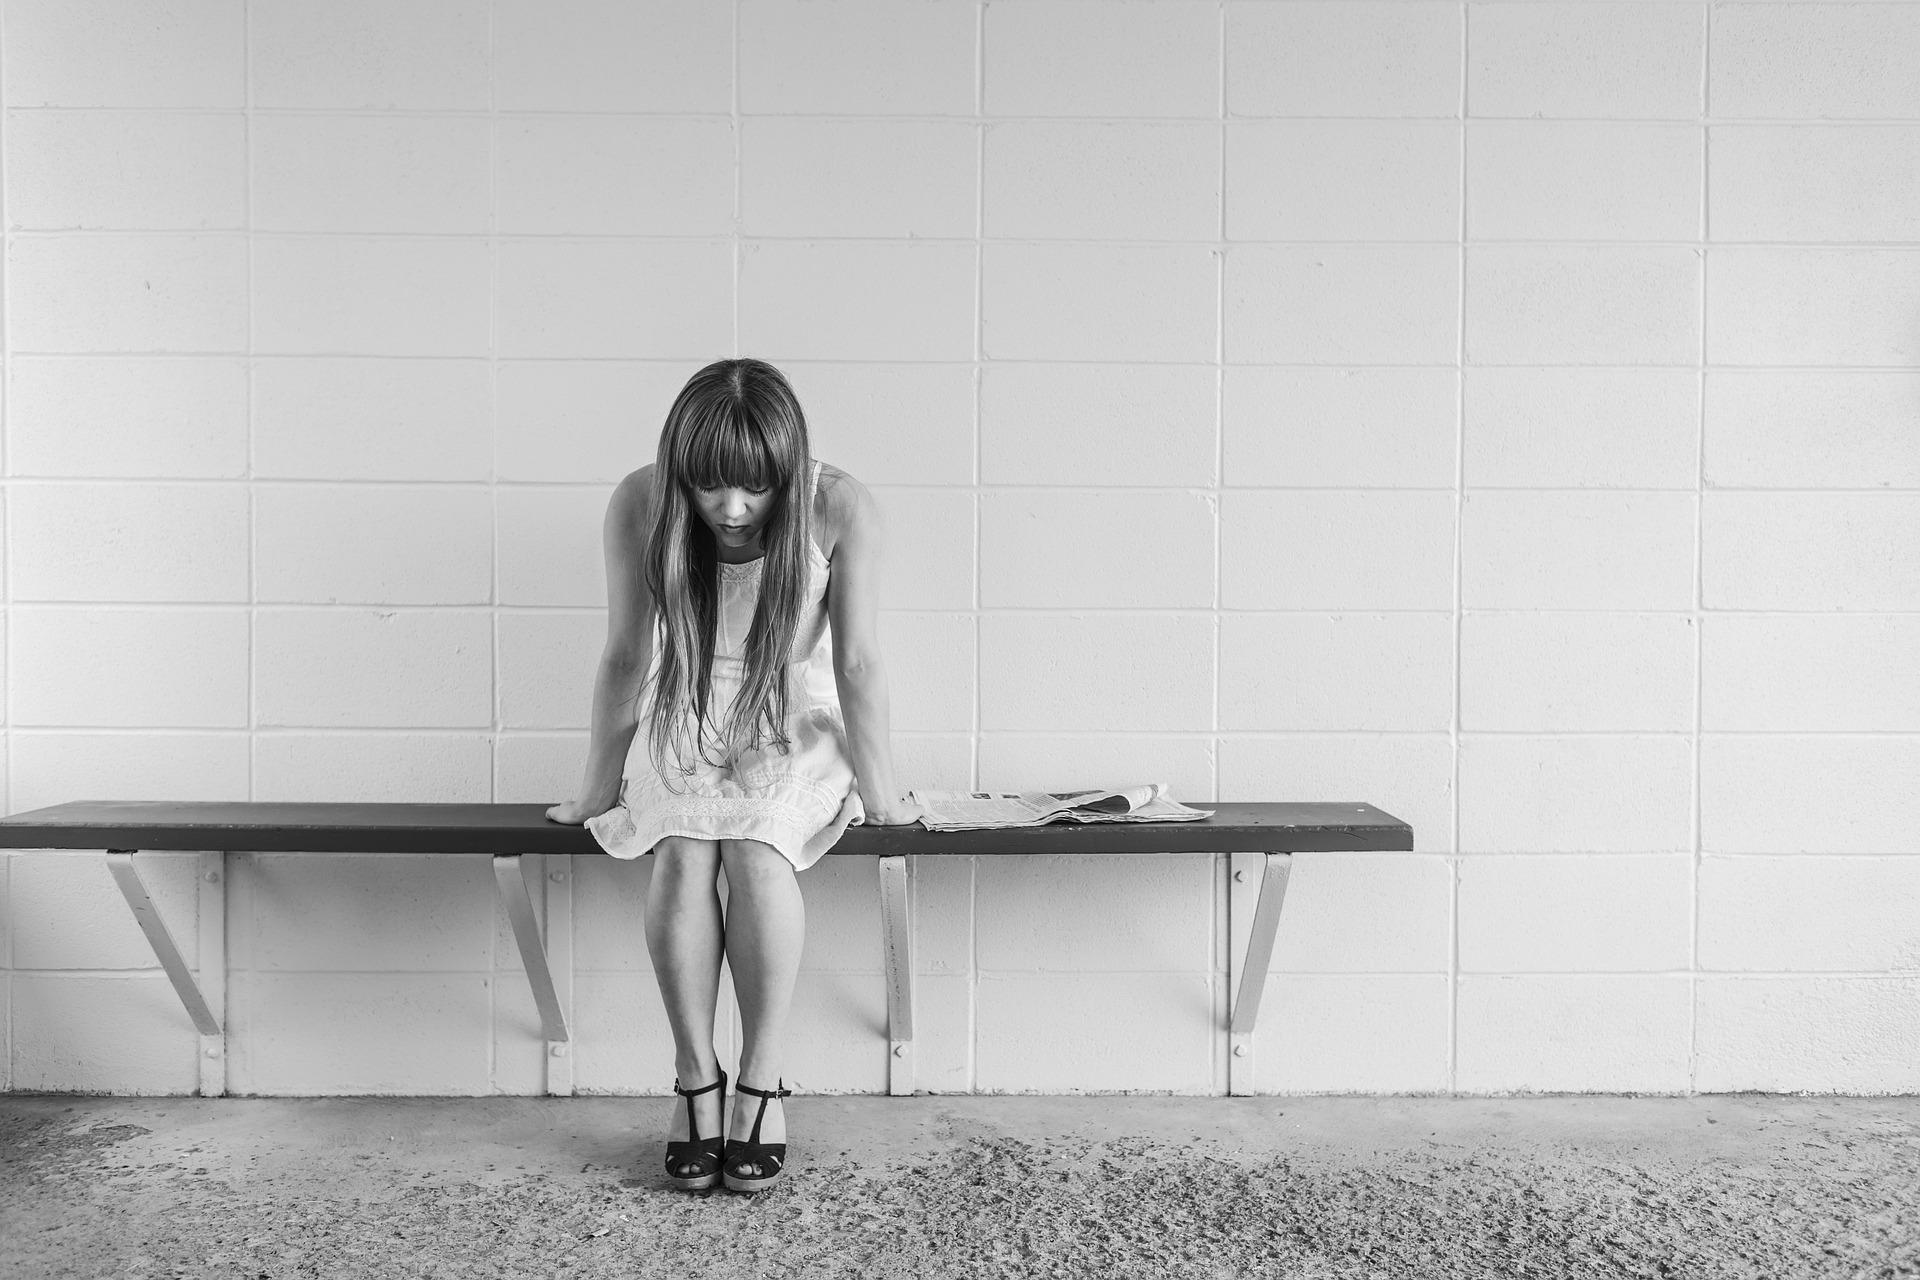 Waarom zijn er zoveel zelfdodingen?